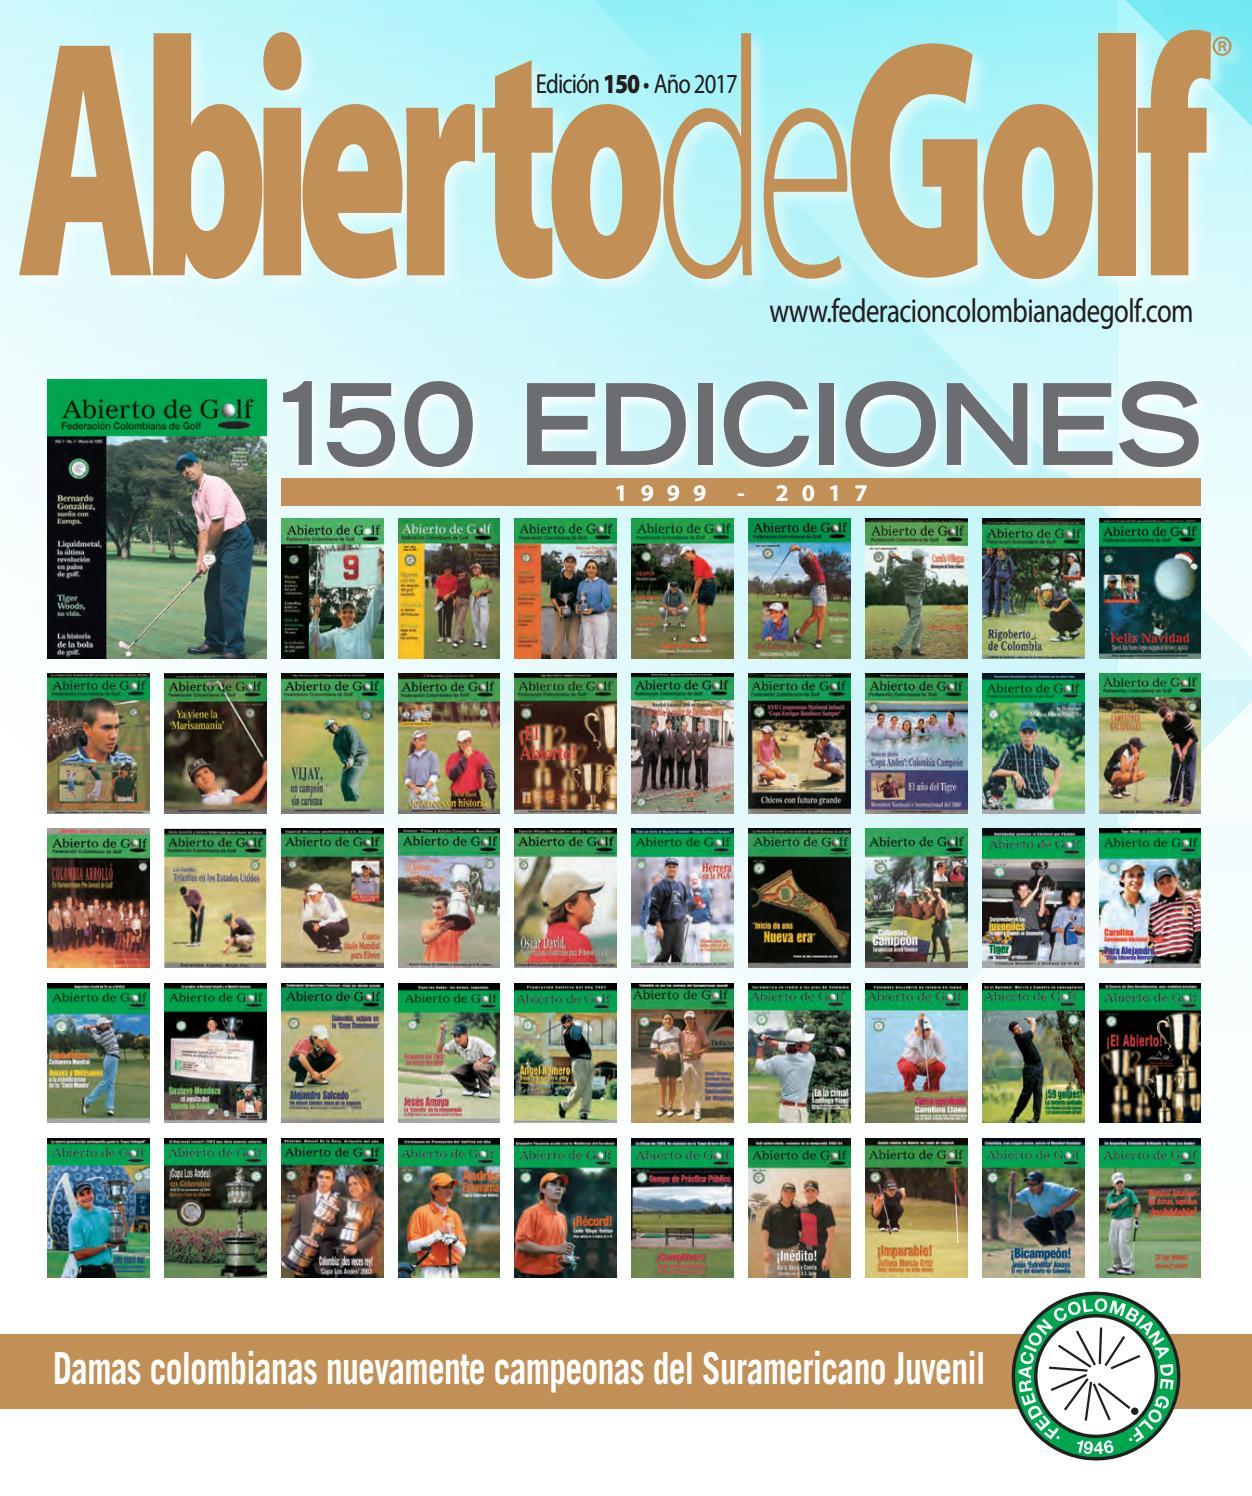 Abierto de Golf - Edición 150 by Prensa Fedegolf - issuu f45eda9a81198